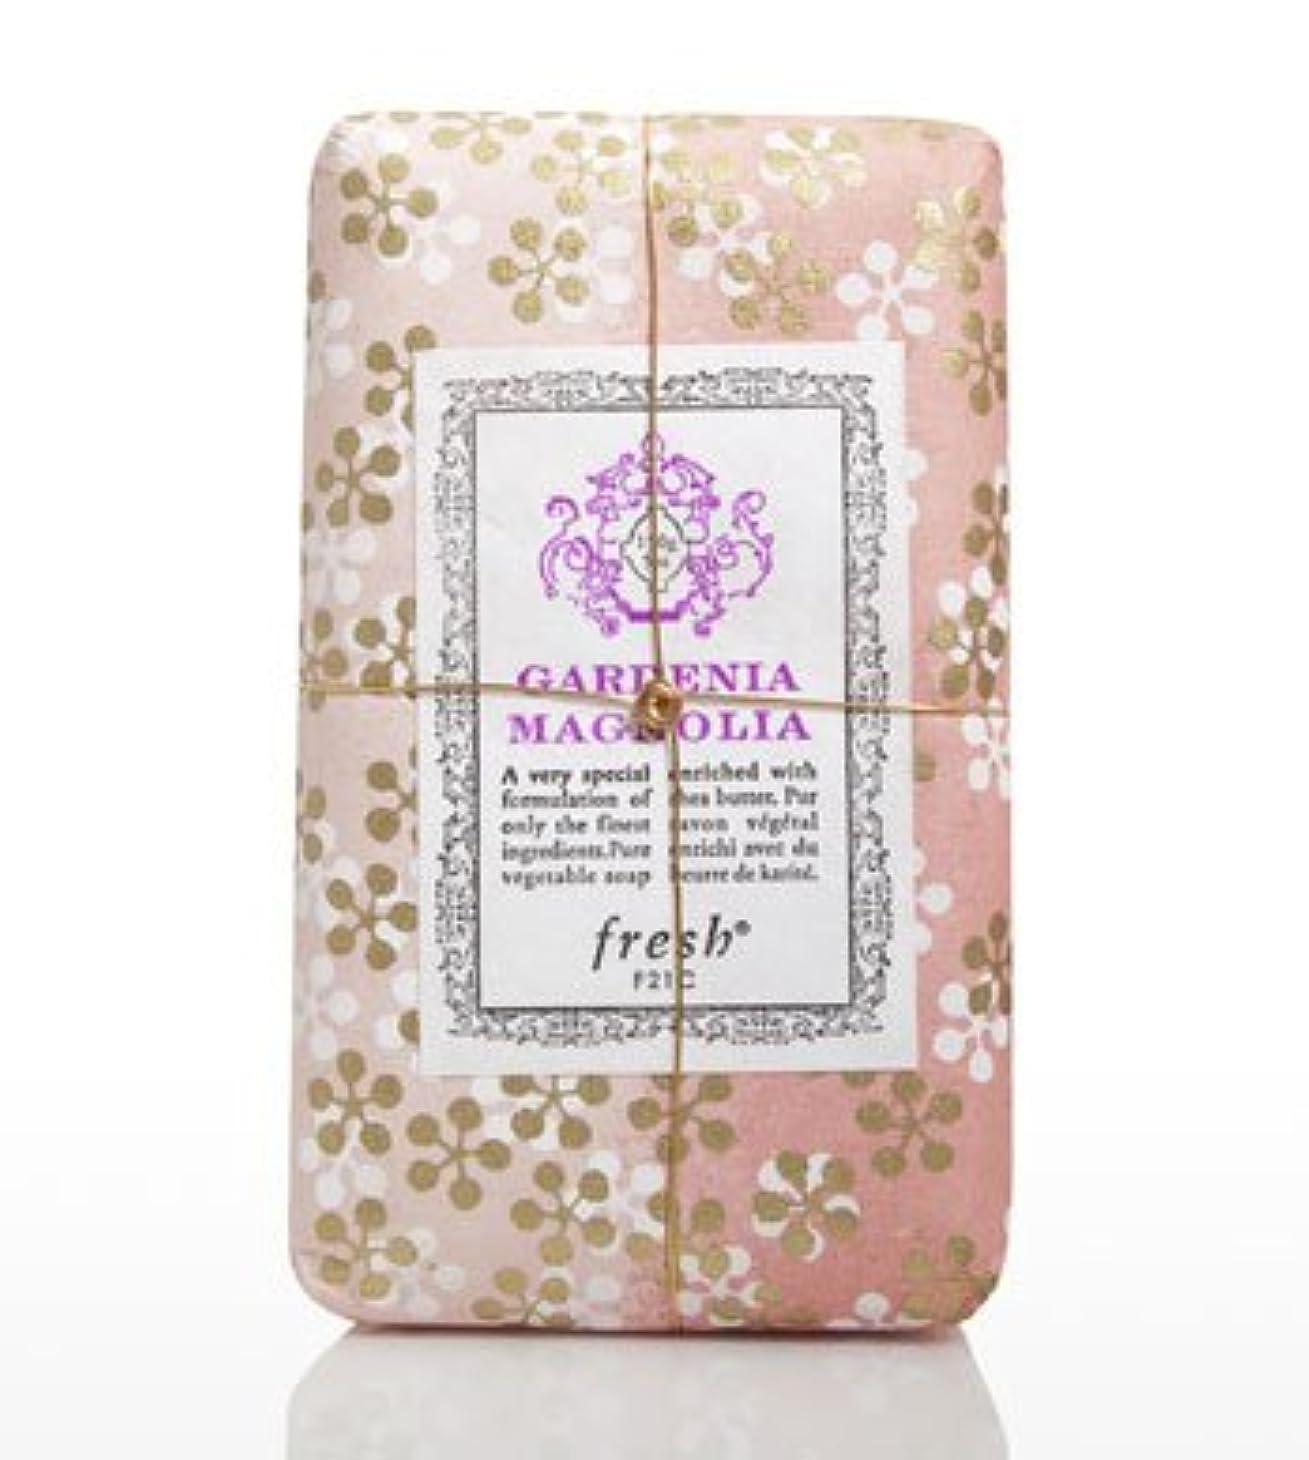 感謝する内陸流すFresh GARDENIA MAGNOLIA SOAP(フレッシュ ガーデナマグノリア ソープ) 5.0 oz (150gl) 石鹸 by Fresh